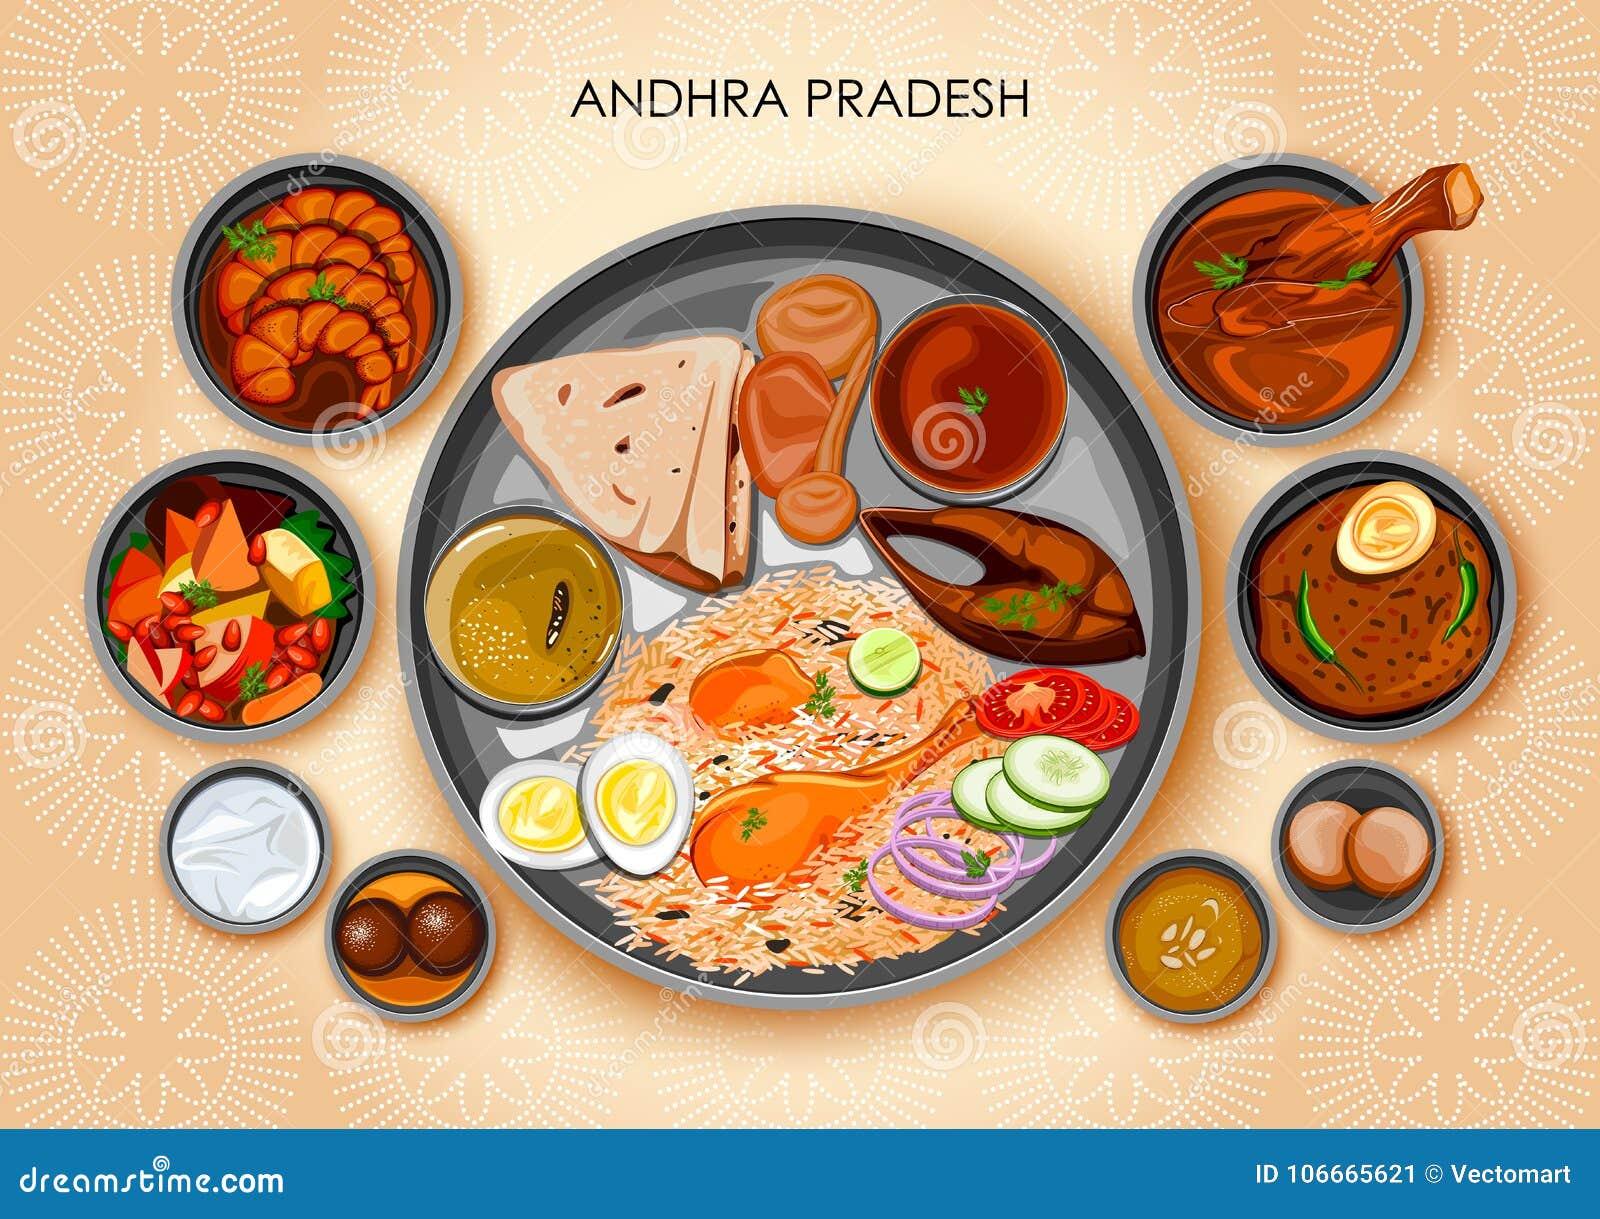 Traditionell thali för Andhrait kokkonst- och matmål av Andhra